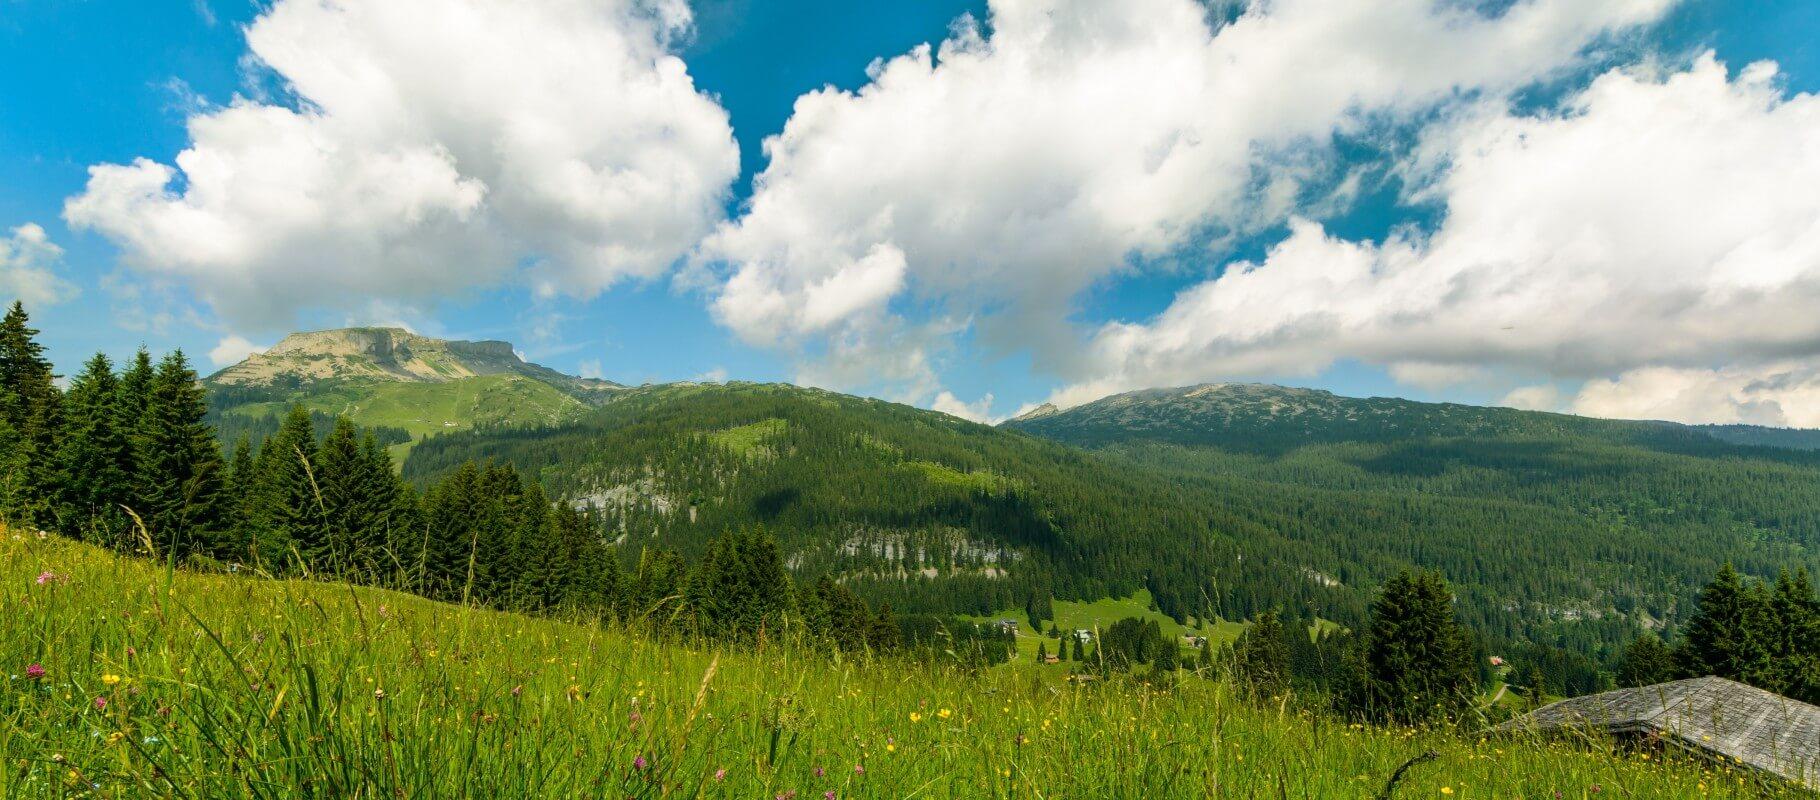 Urlaub in den Bergen, Kleinwalsertal in Österreich